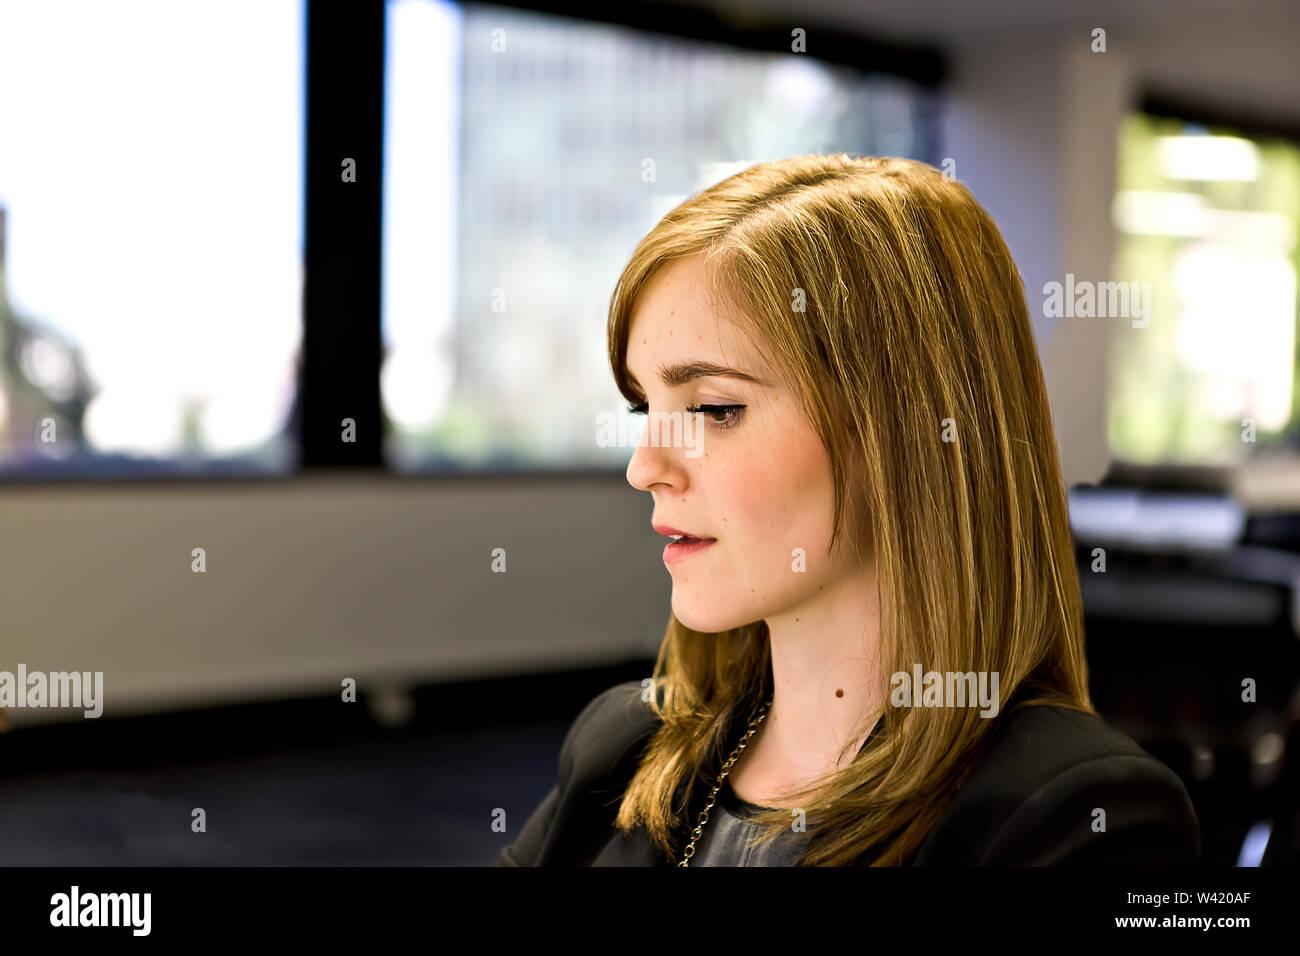 Jeune fille avec un beau visage et des cheveux couleur d'or sur un arrière-plan flou Photo Stock